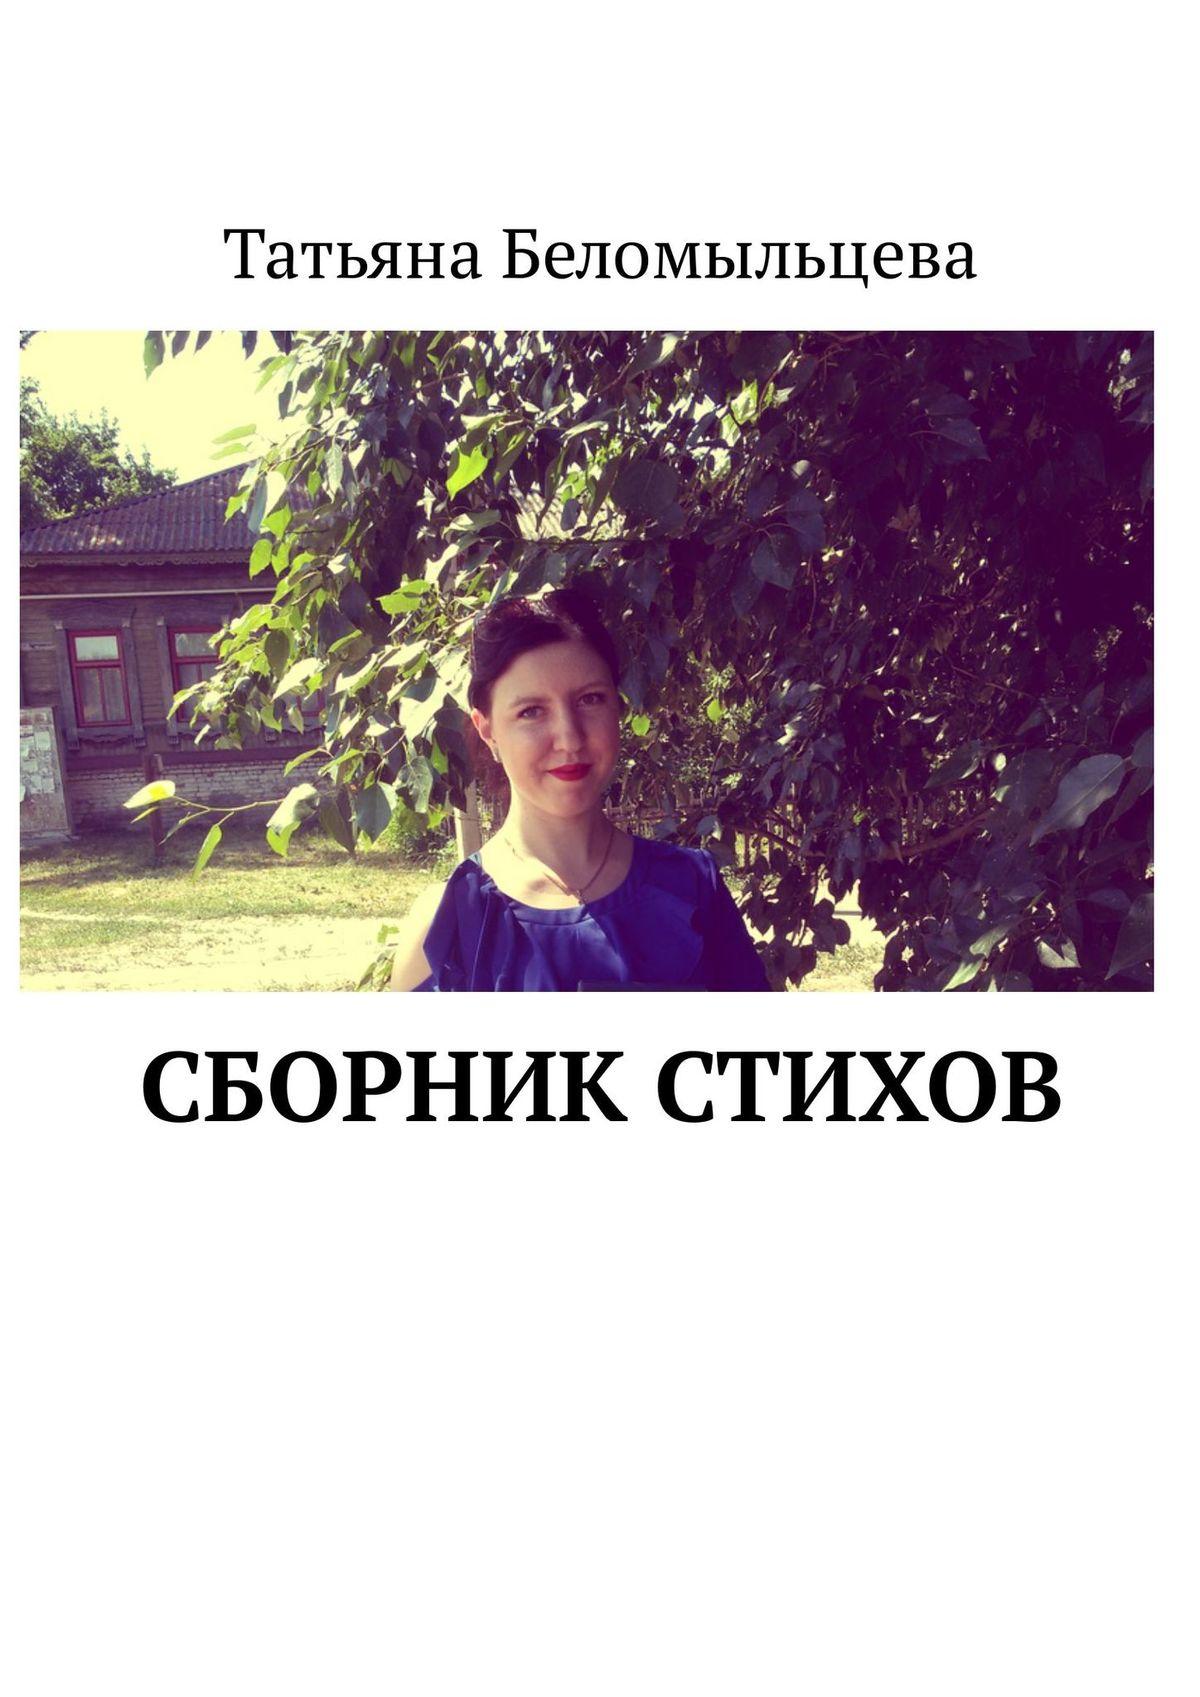 Татьяна Беломыльцева Сборник стихов наталья лешукова исцеляюсь любовью сборник стихов